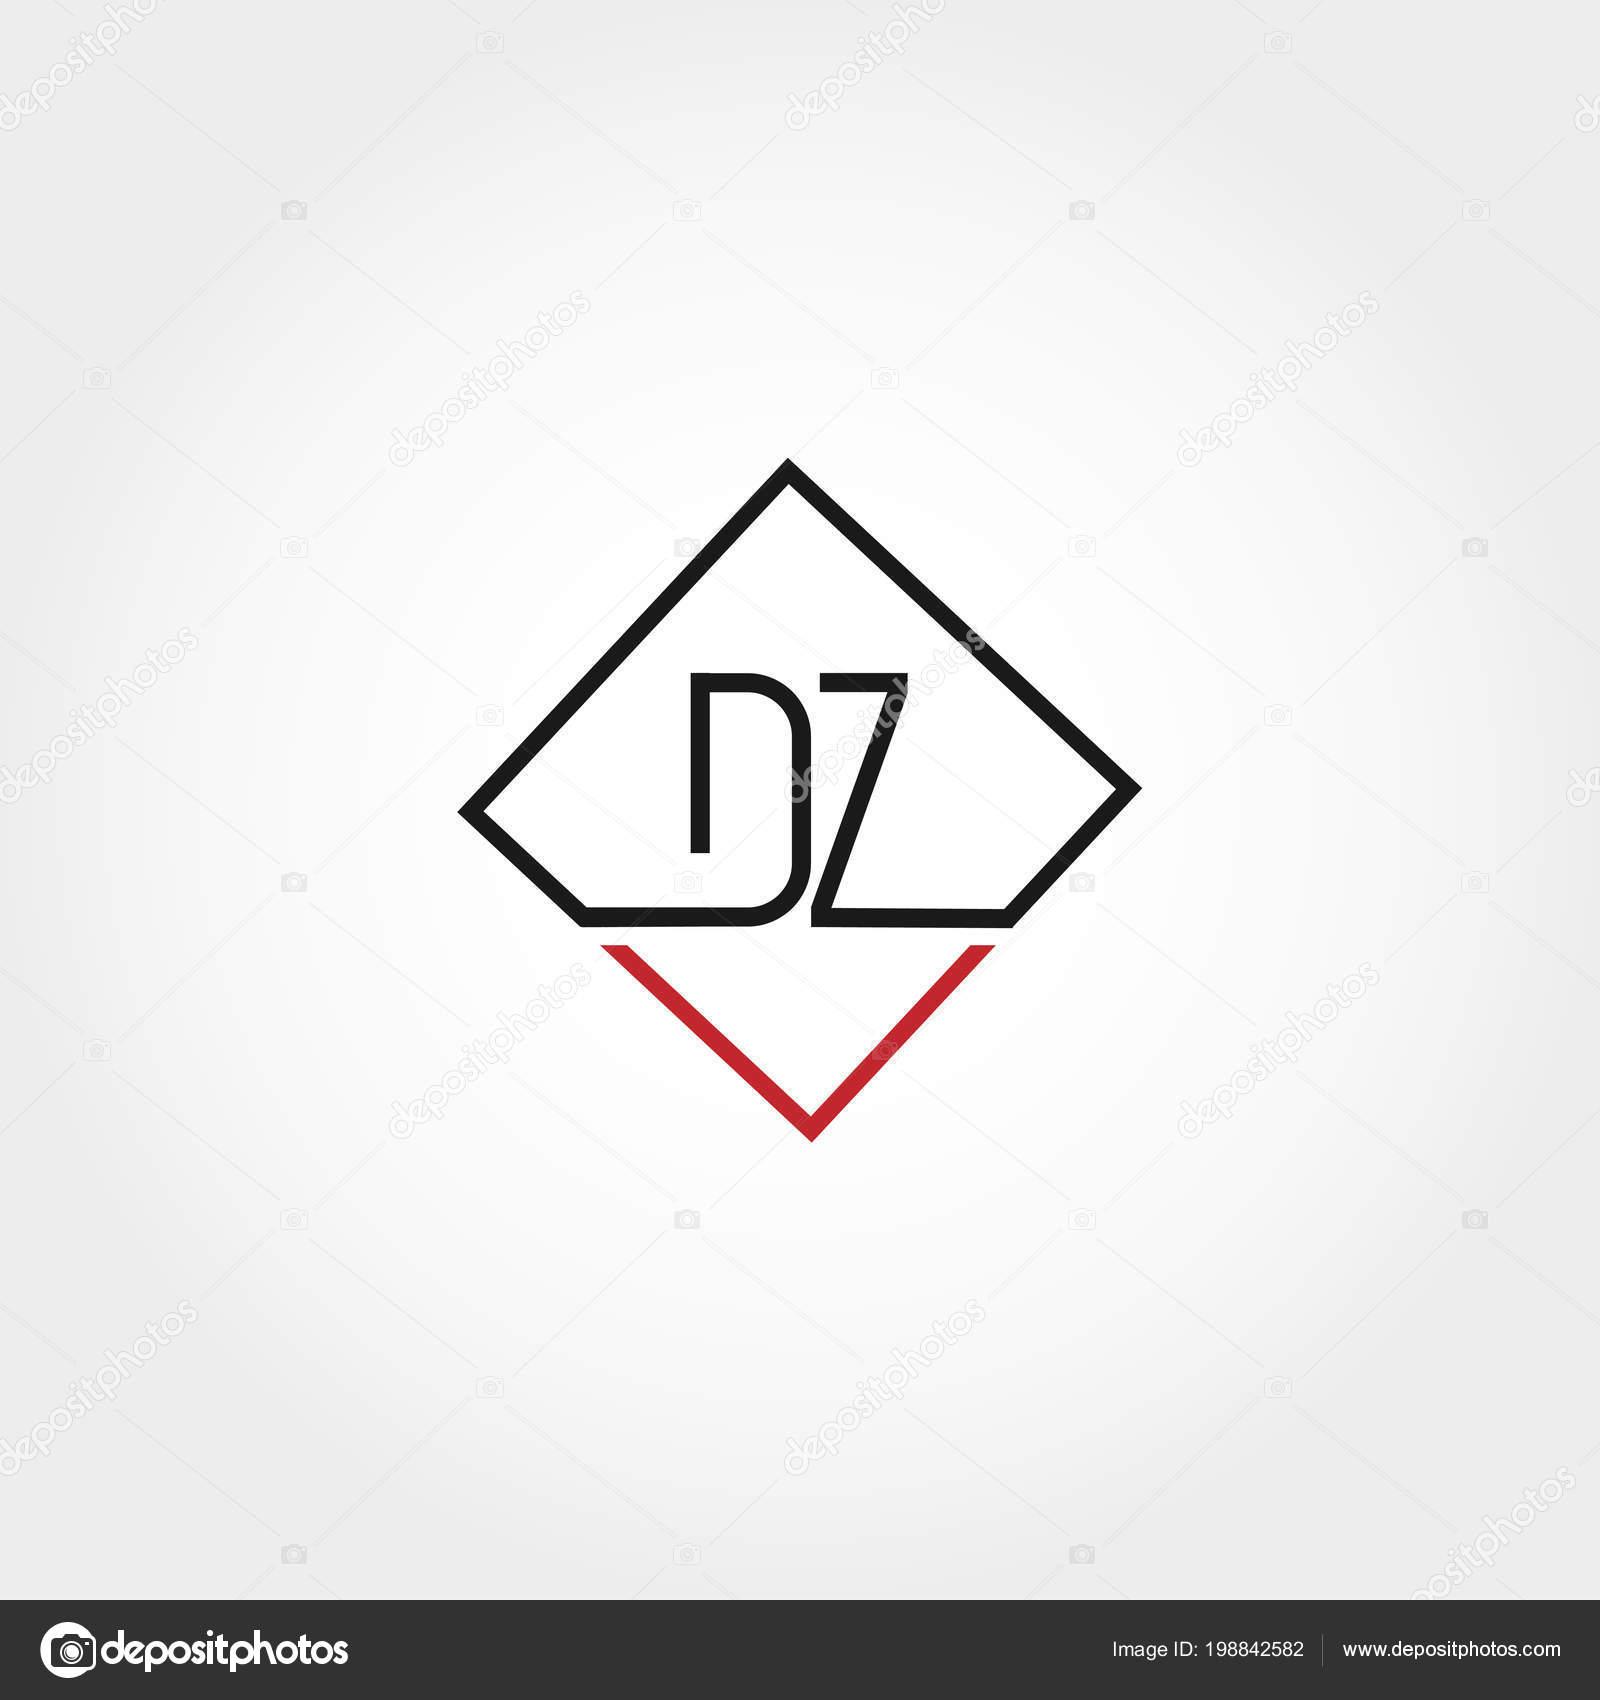 Initial Letter Logo Design — Stock Vector © mohammad